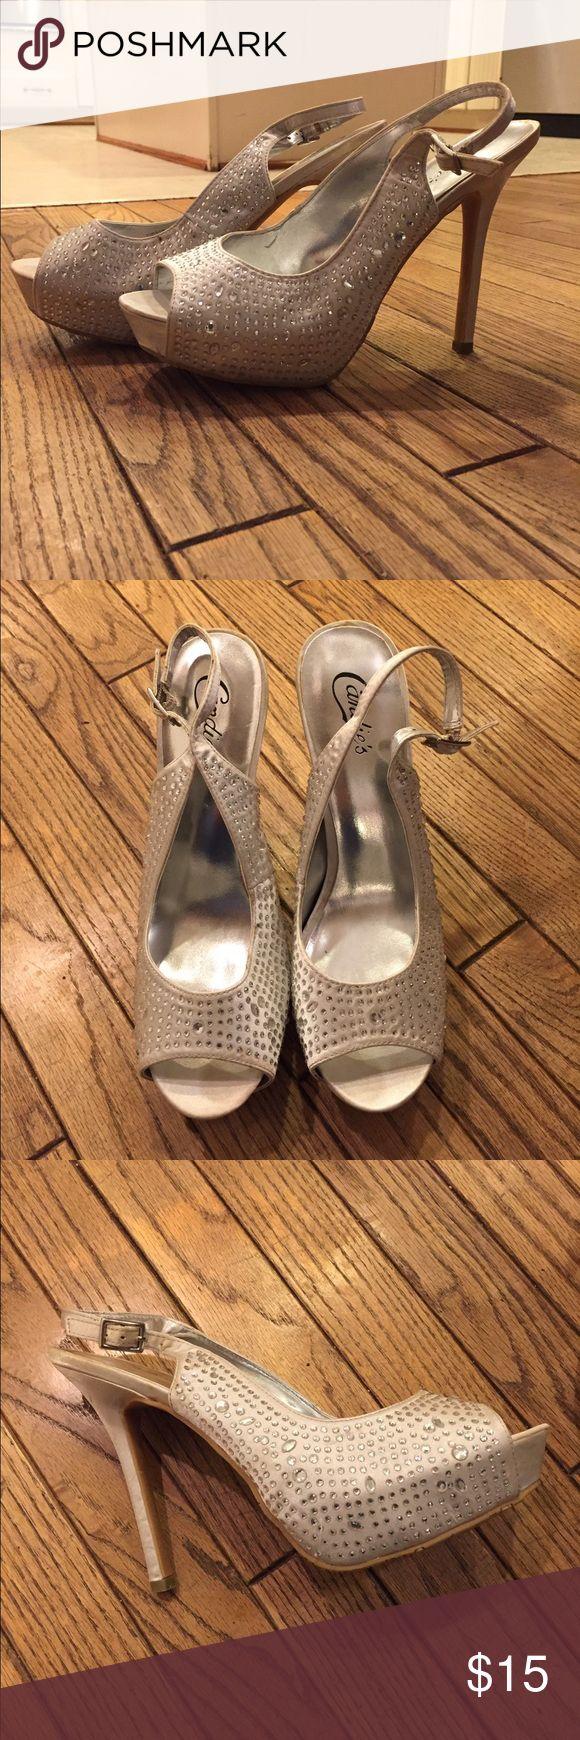 Candies Silver Heels Silver heels from Candies brand. Platform heels. Covered in rhinestones. Candie's Shoes Heels